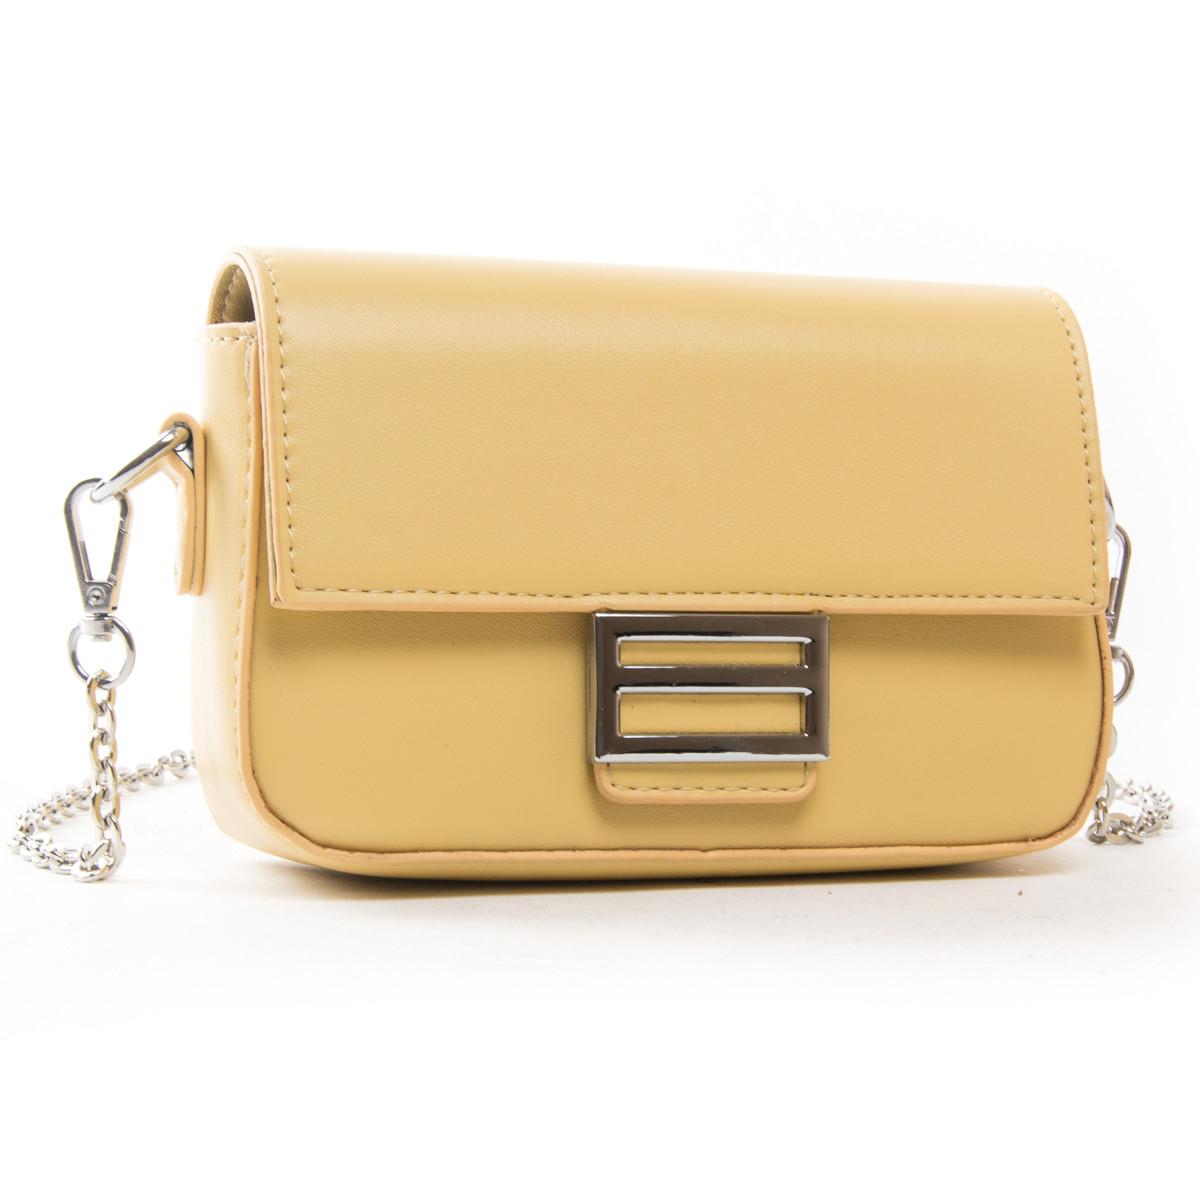 Женская сумочка/клатч эко-кожа  FASHION опт/розница